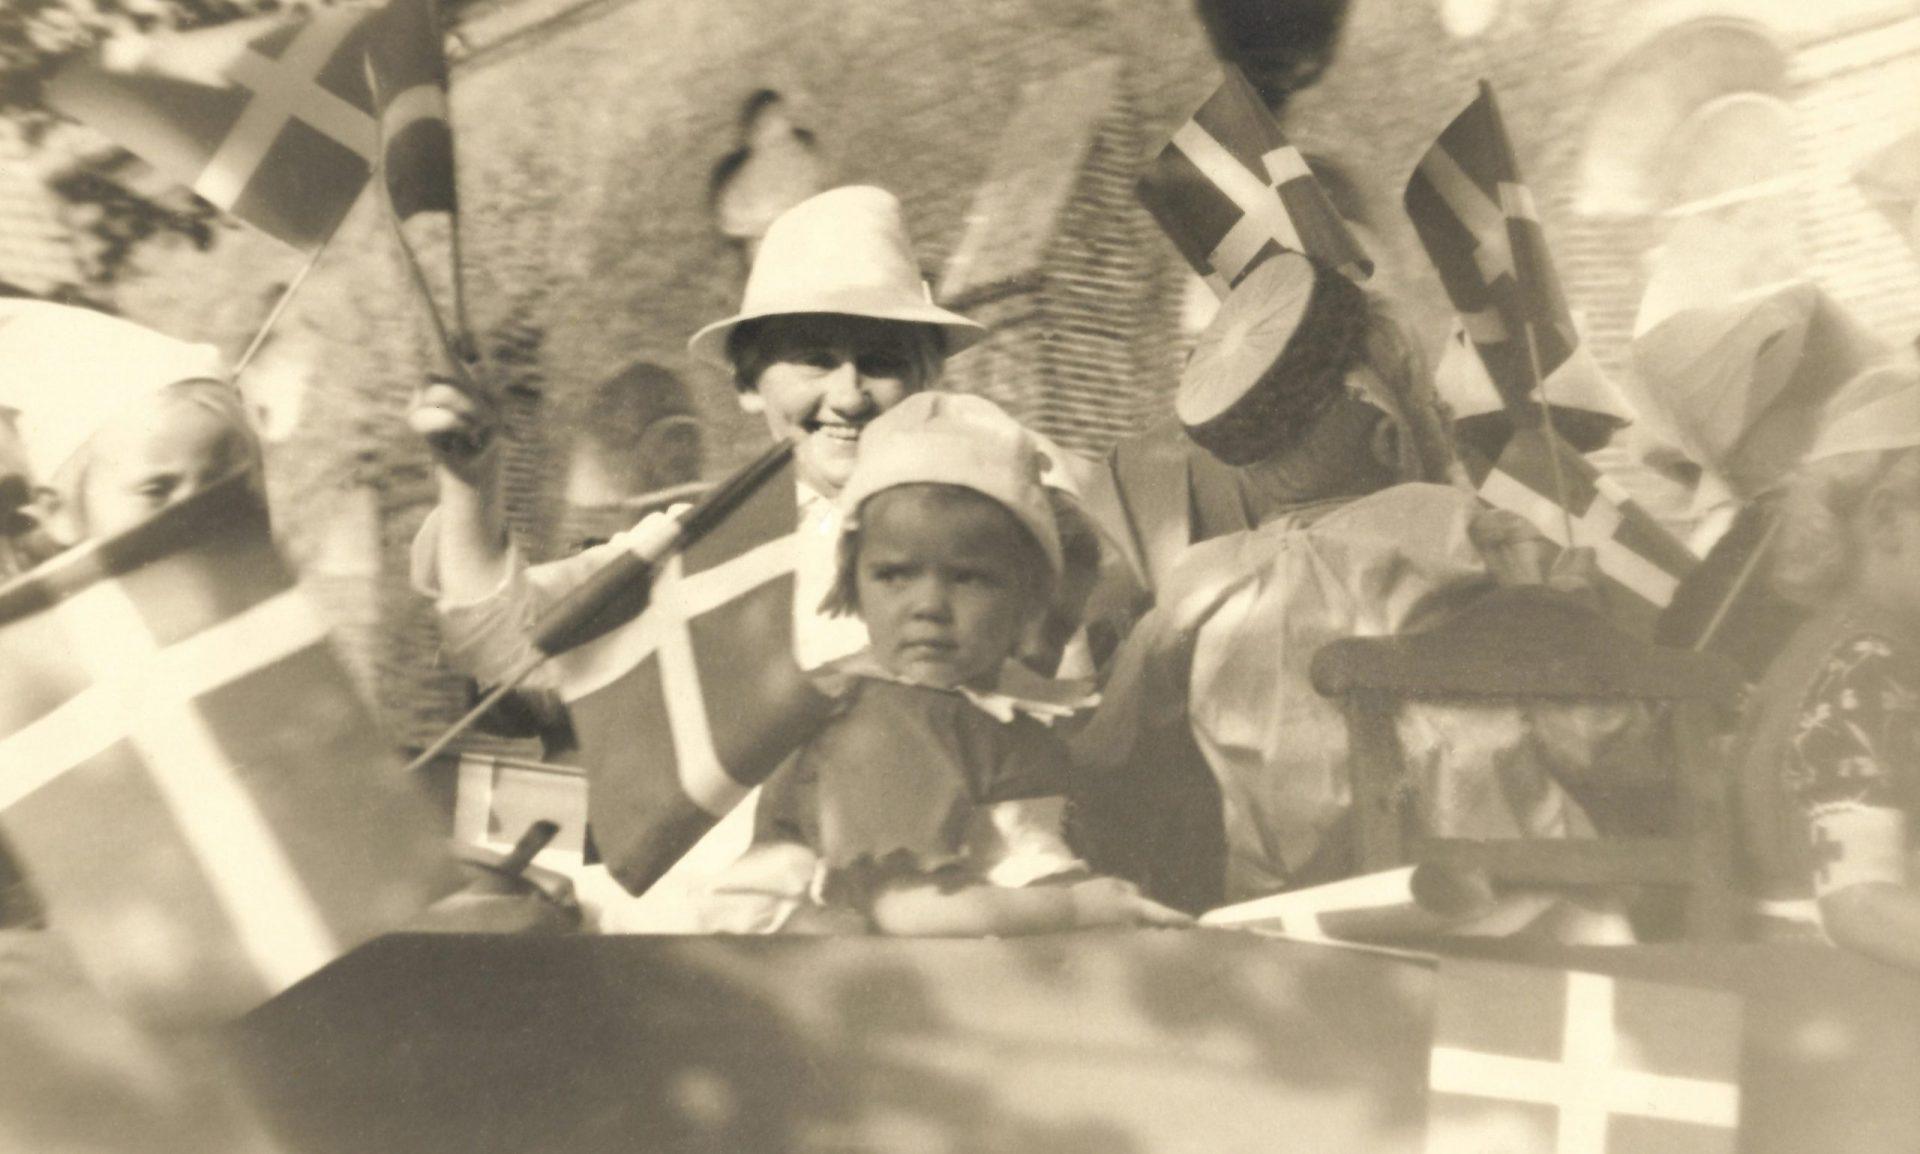 Kristine Kjeldsen (1890-1983), født i Vind og senere mangeårig forstanderinde ved Holstebro Børneasyl, ses siddende i baggrunden med hvid hat omgivet af børn fra asylet. Billedet er efter alt at dømme fra 1940'erne og taget enten i forbindelse med en børnehjælpsdag eller national festdag. I baggrunden genkendes Holstebro Sognekirkes høje mure.